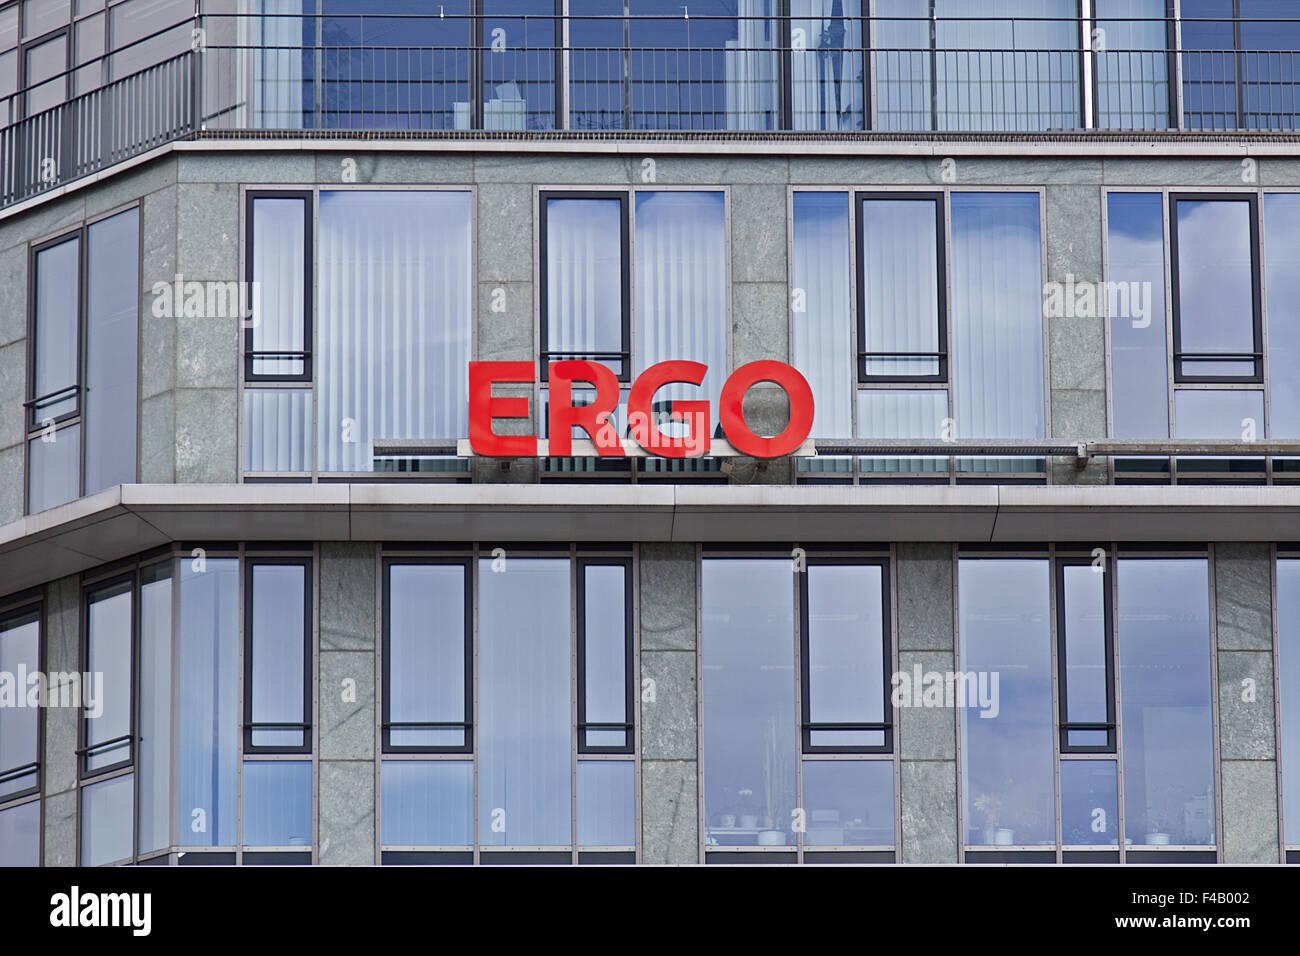 Ergo Stock Photo